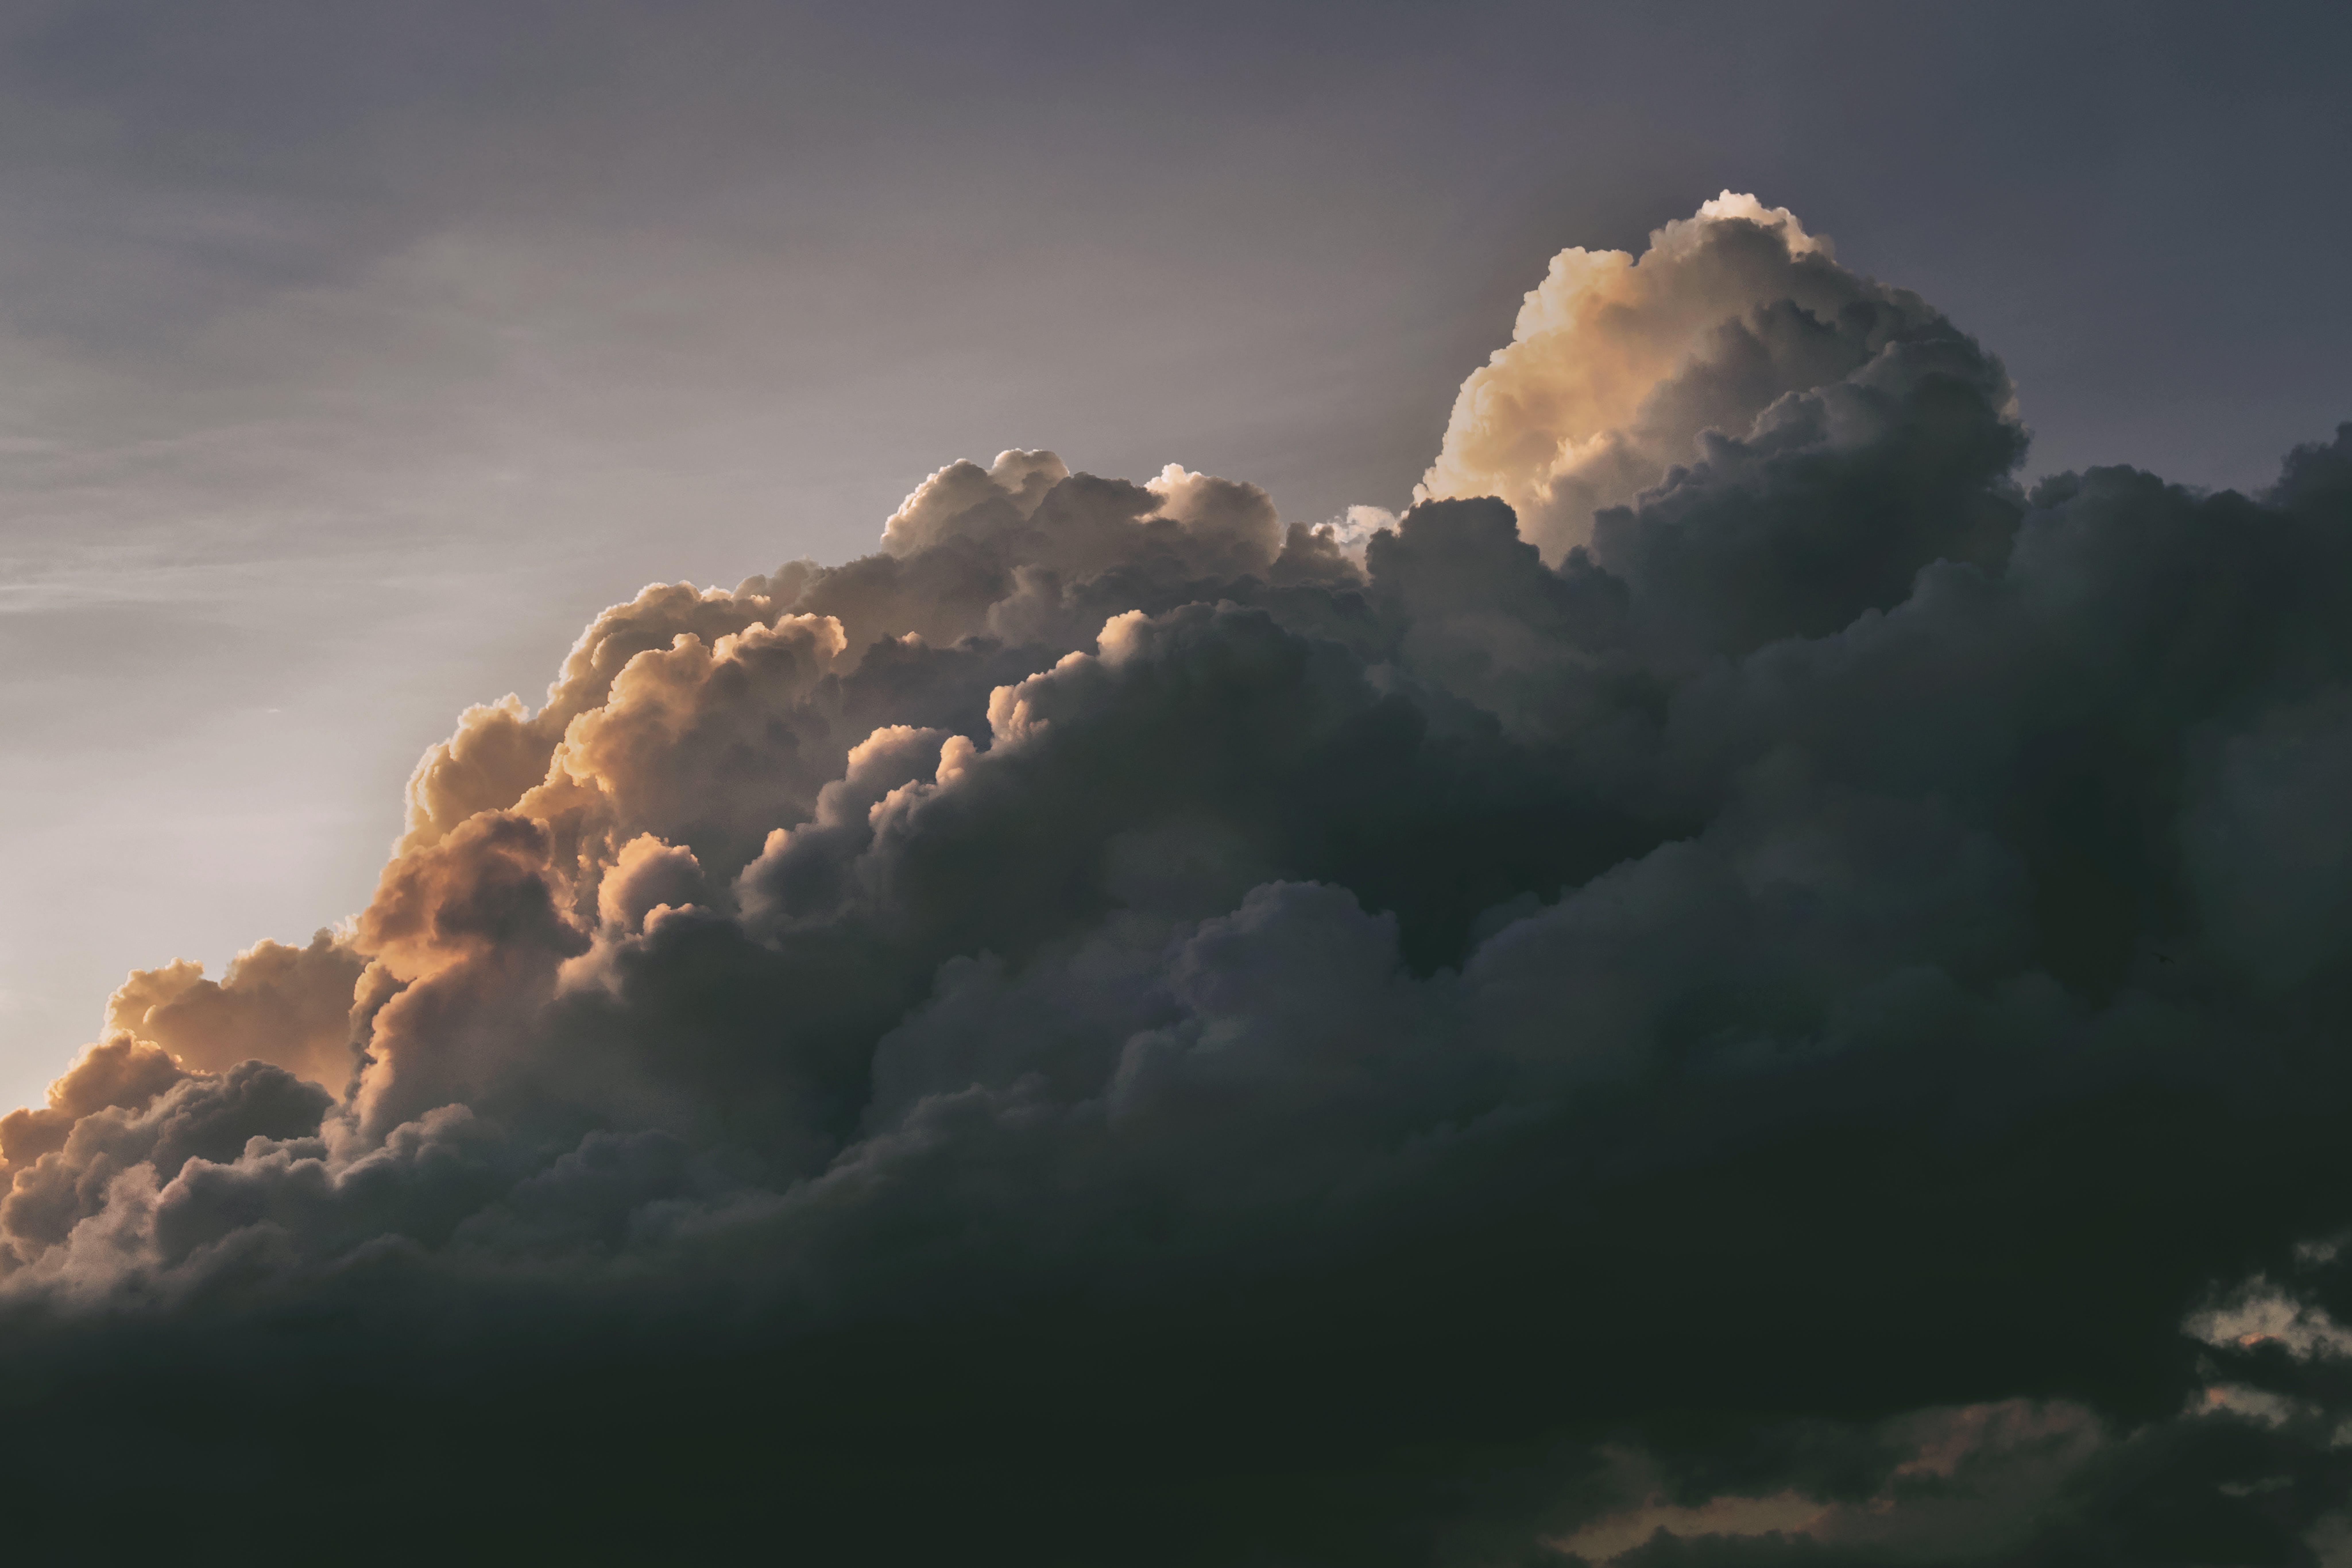 na téma dramatický, mraky, nadýchaný, nebe